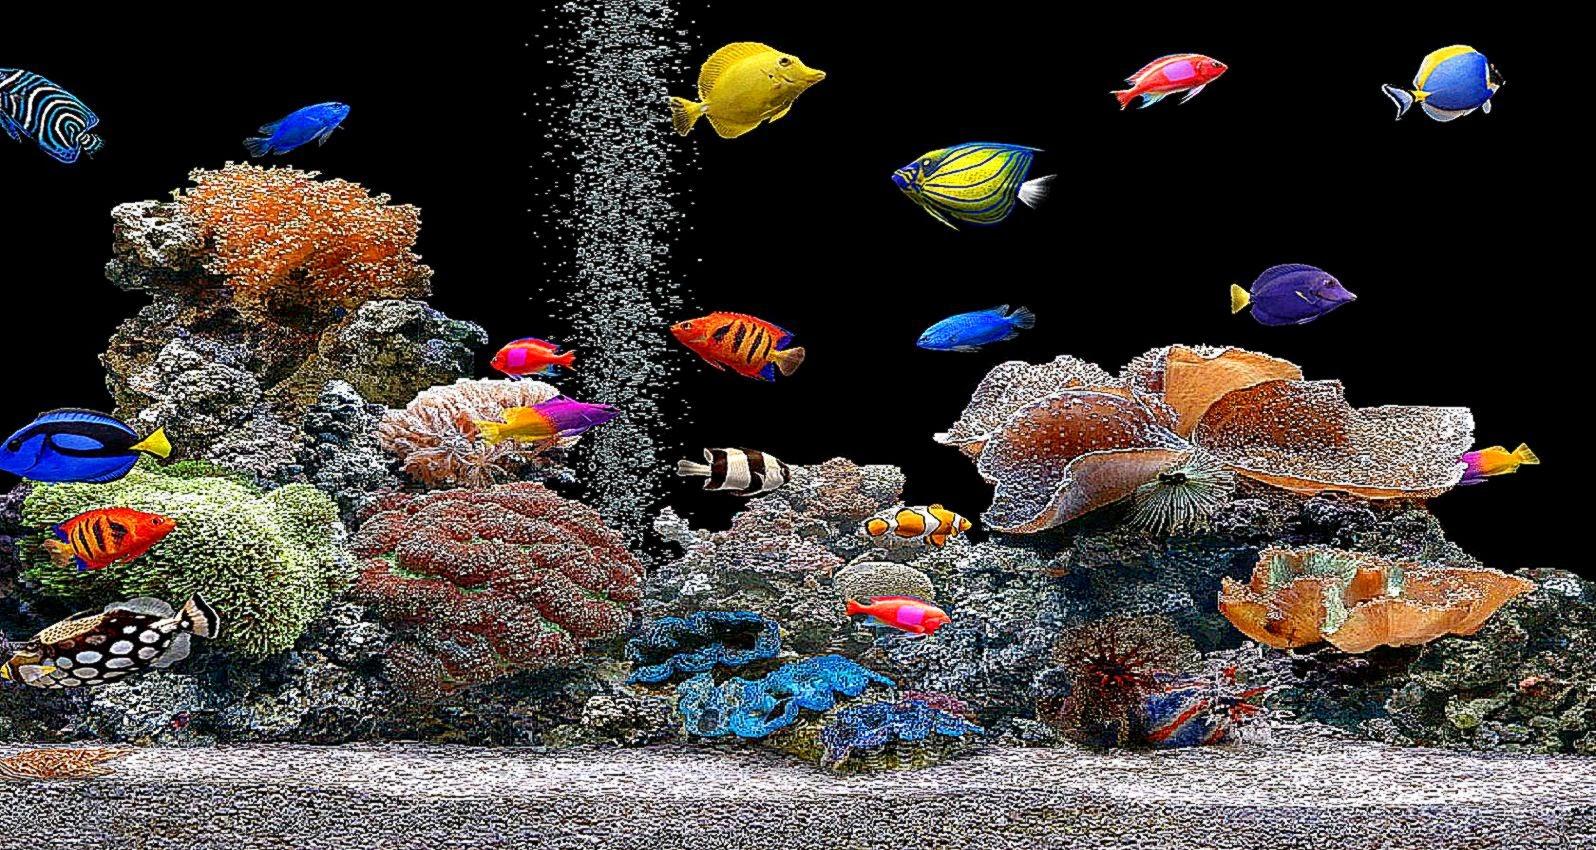 3D Fish Aquarium Screensaver Wallpaper Best Wallpaper 1596x850